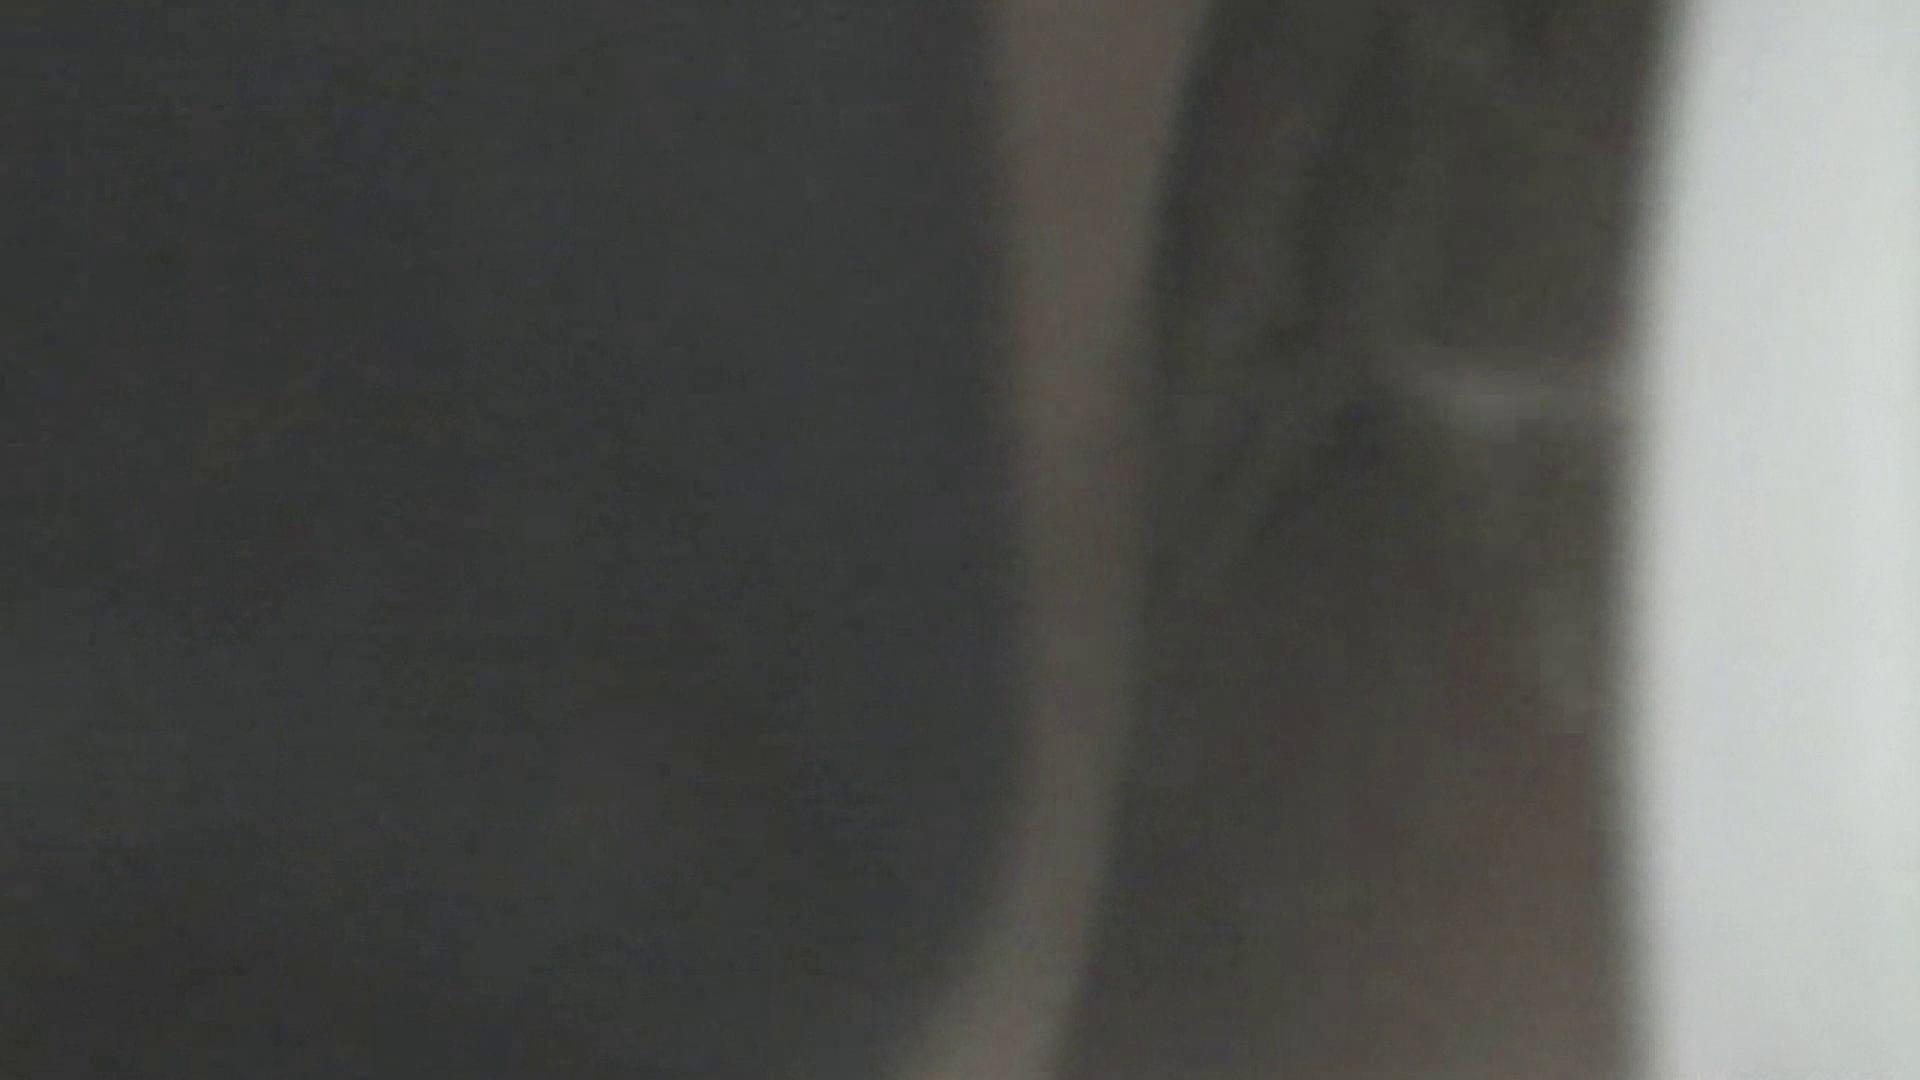 ロックハンドさんの盗撮記録File.02 盗撮 スケベ動画紹介 82連発 74